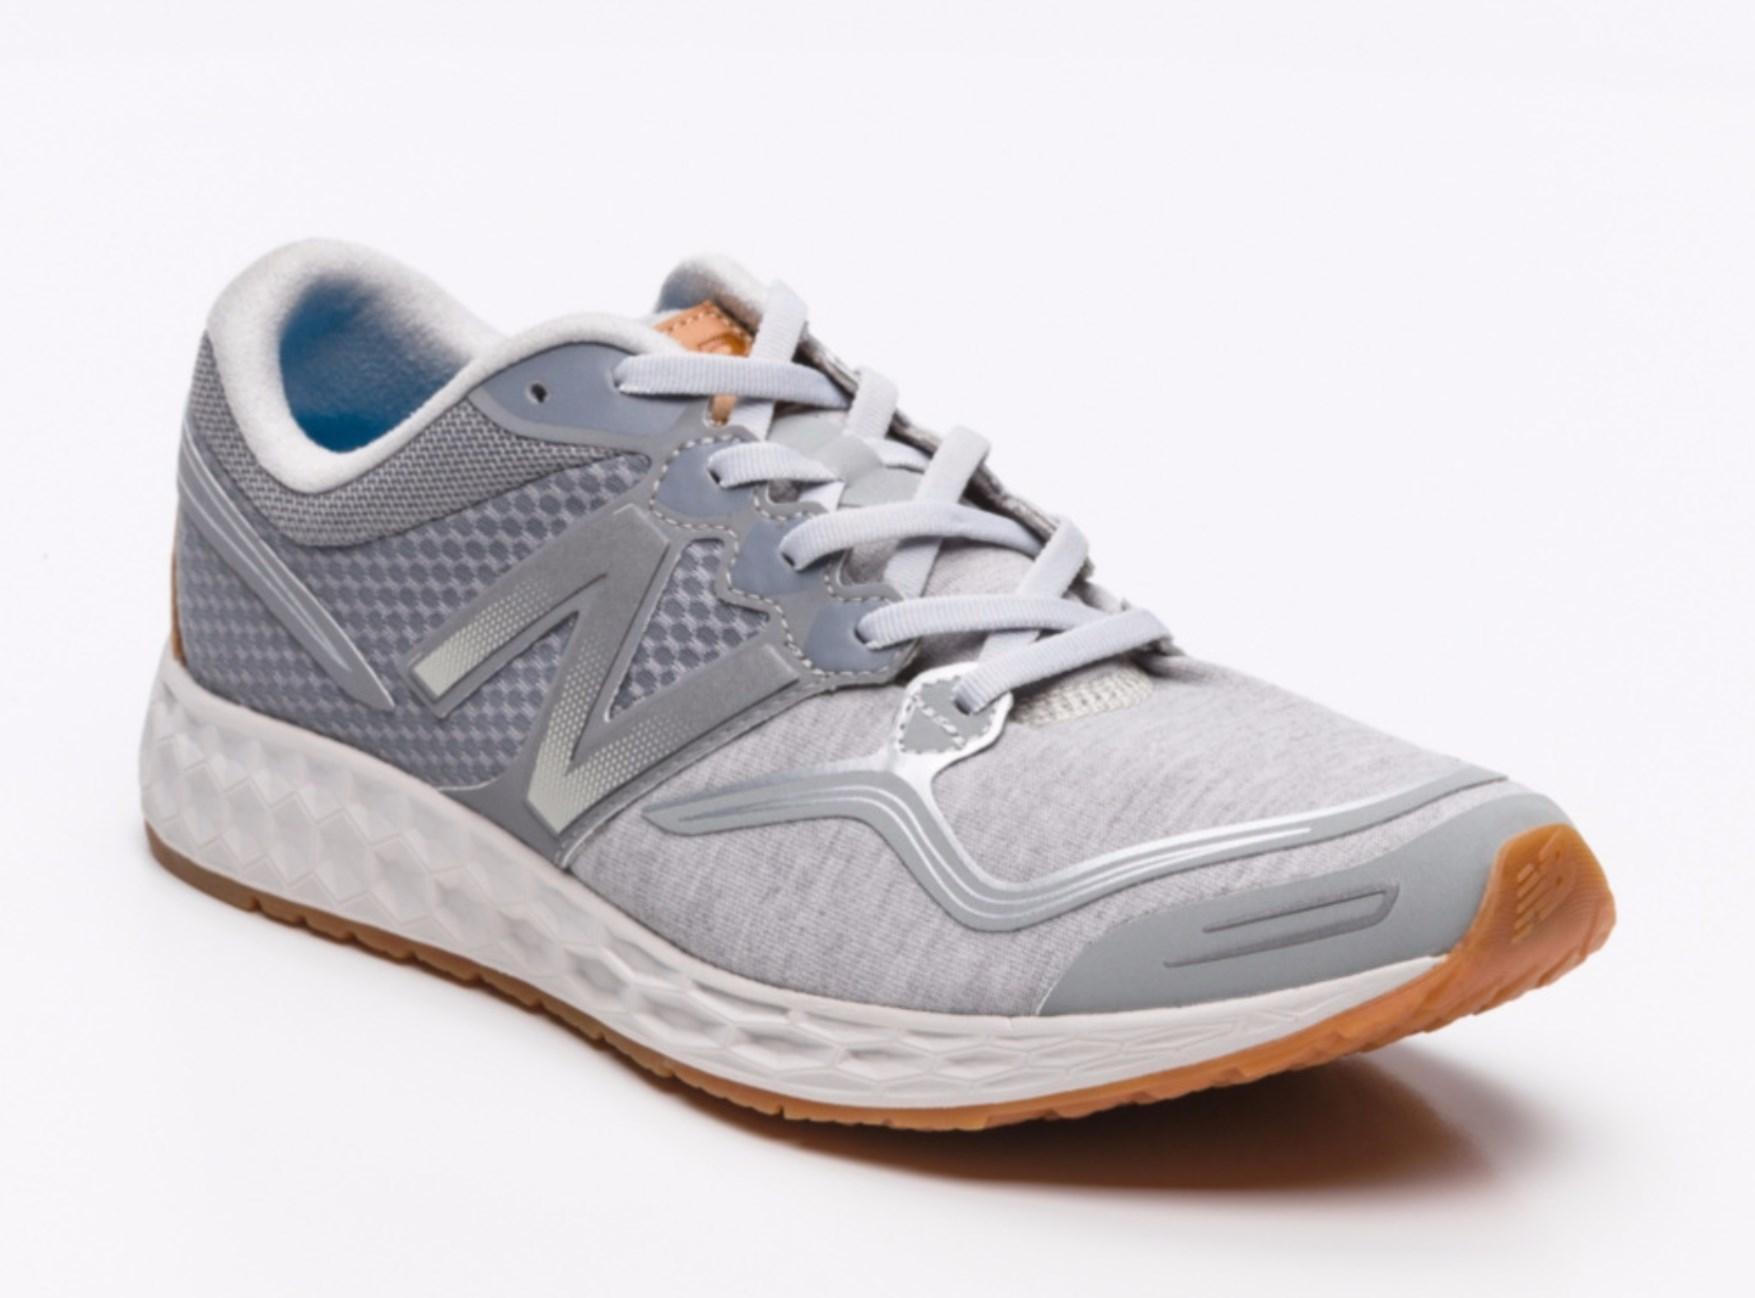 Sélection de produits new balance en promotion jusqu'à 60% - Chaussures Homme NewBalance 1980 Zante